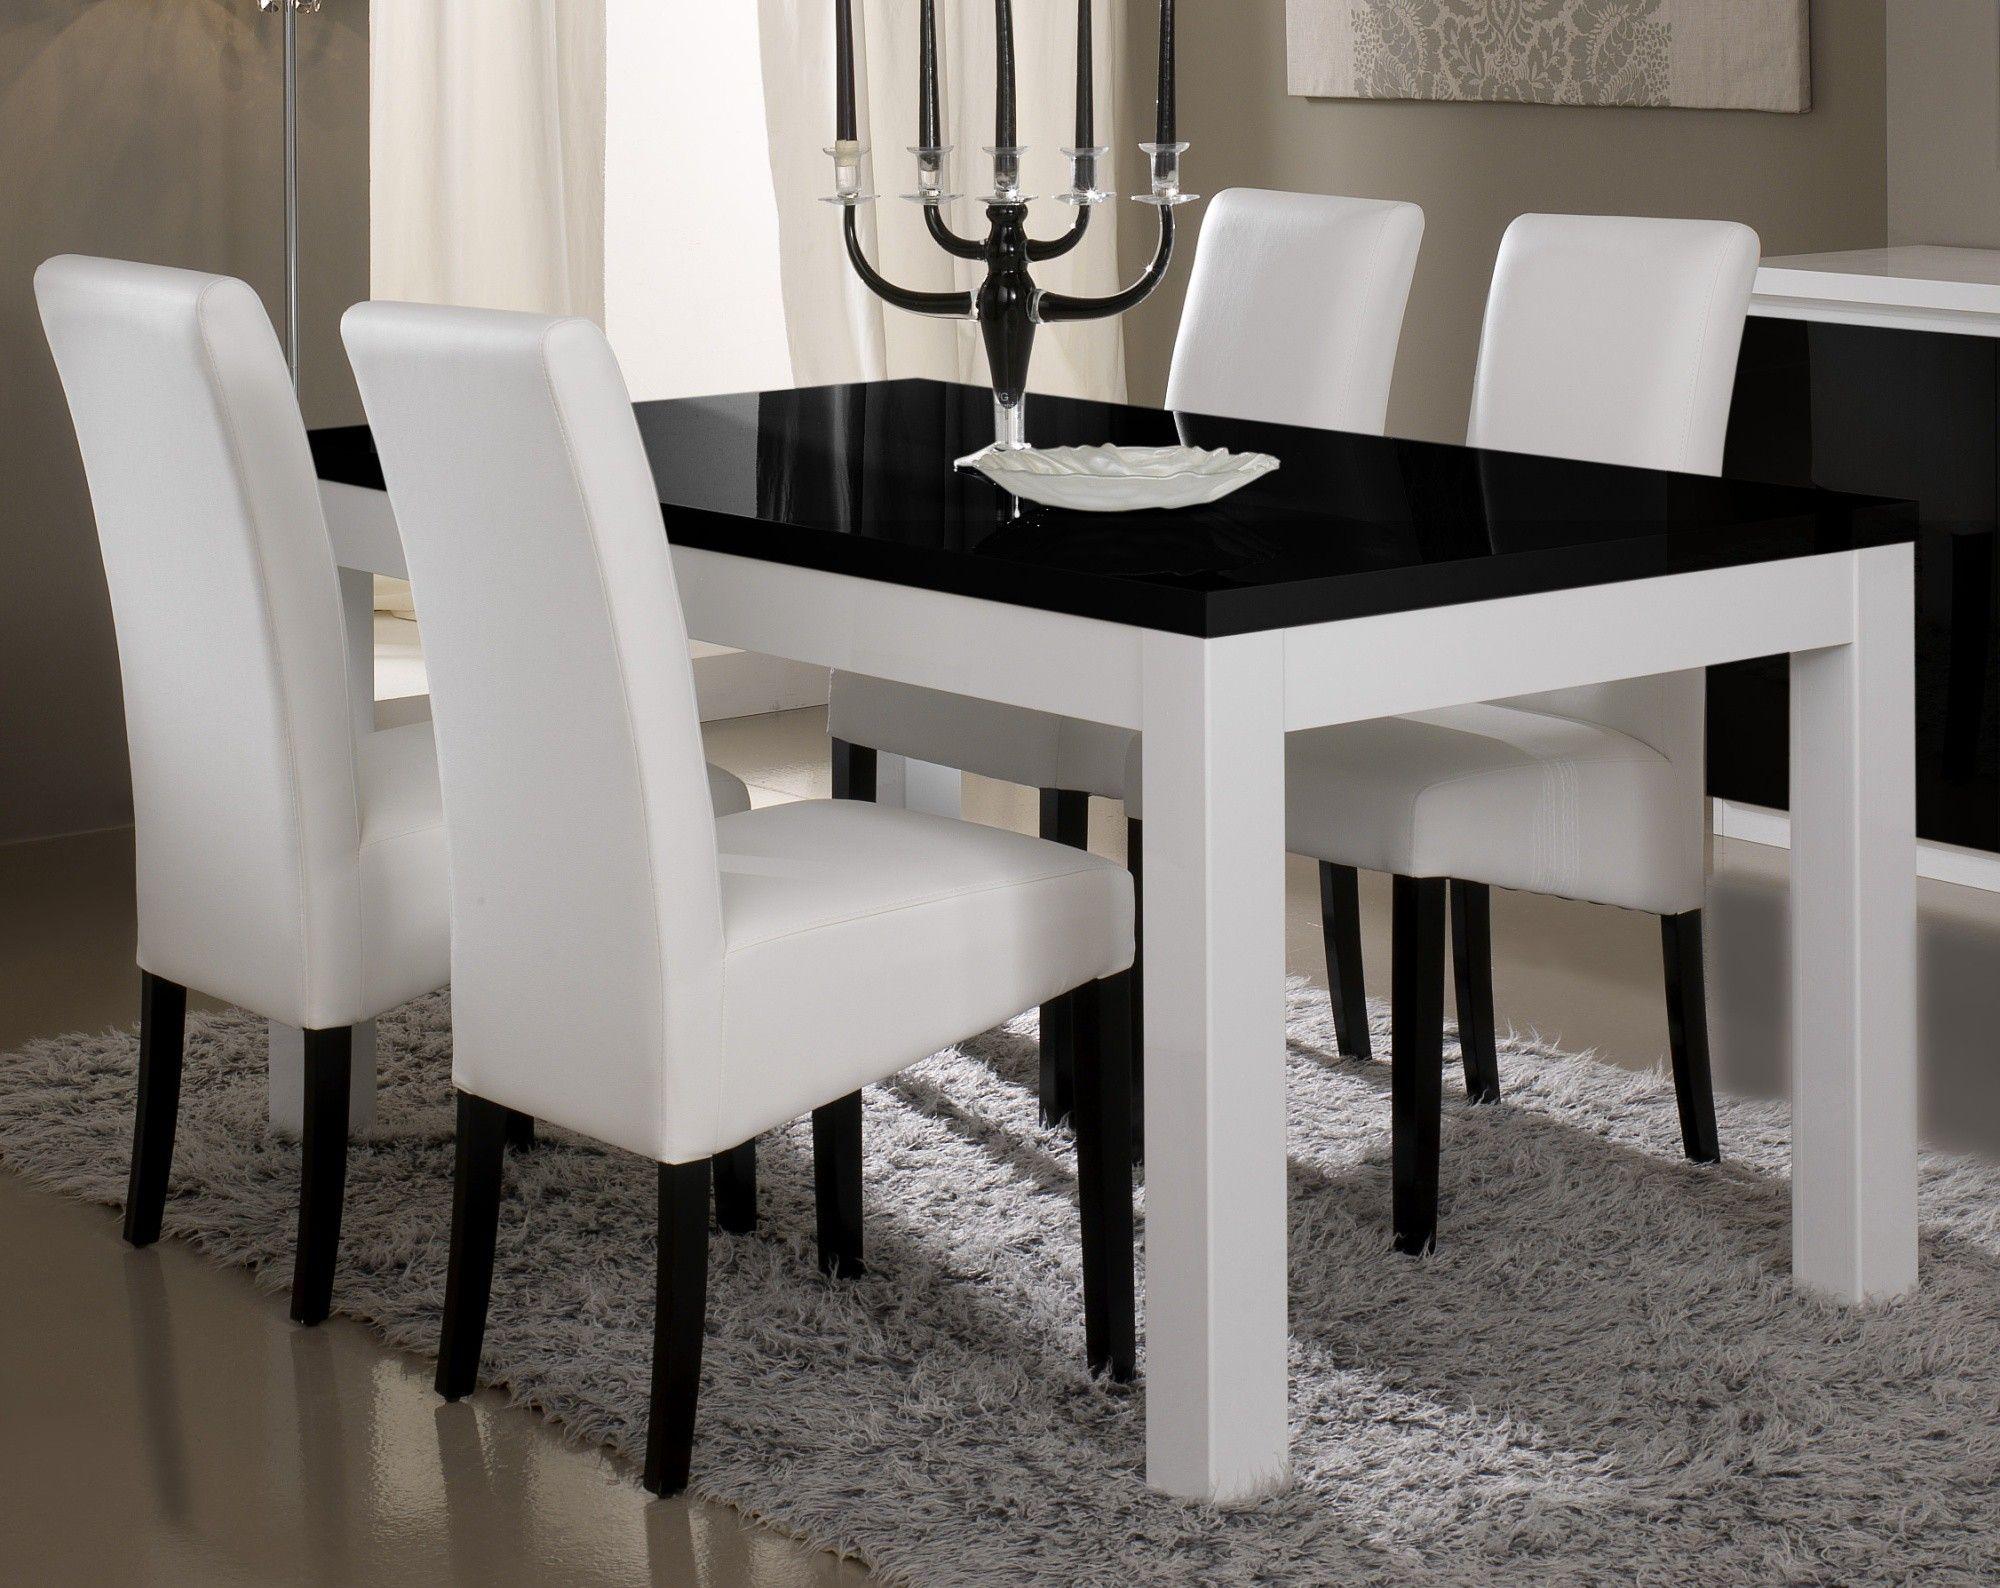 Impressionnant Chaise Pour Table Blanche Laquée Décoration - Table salle a manger design italien pour idees de deco de cuisine